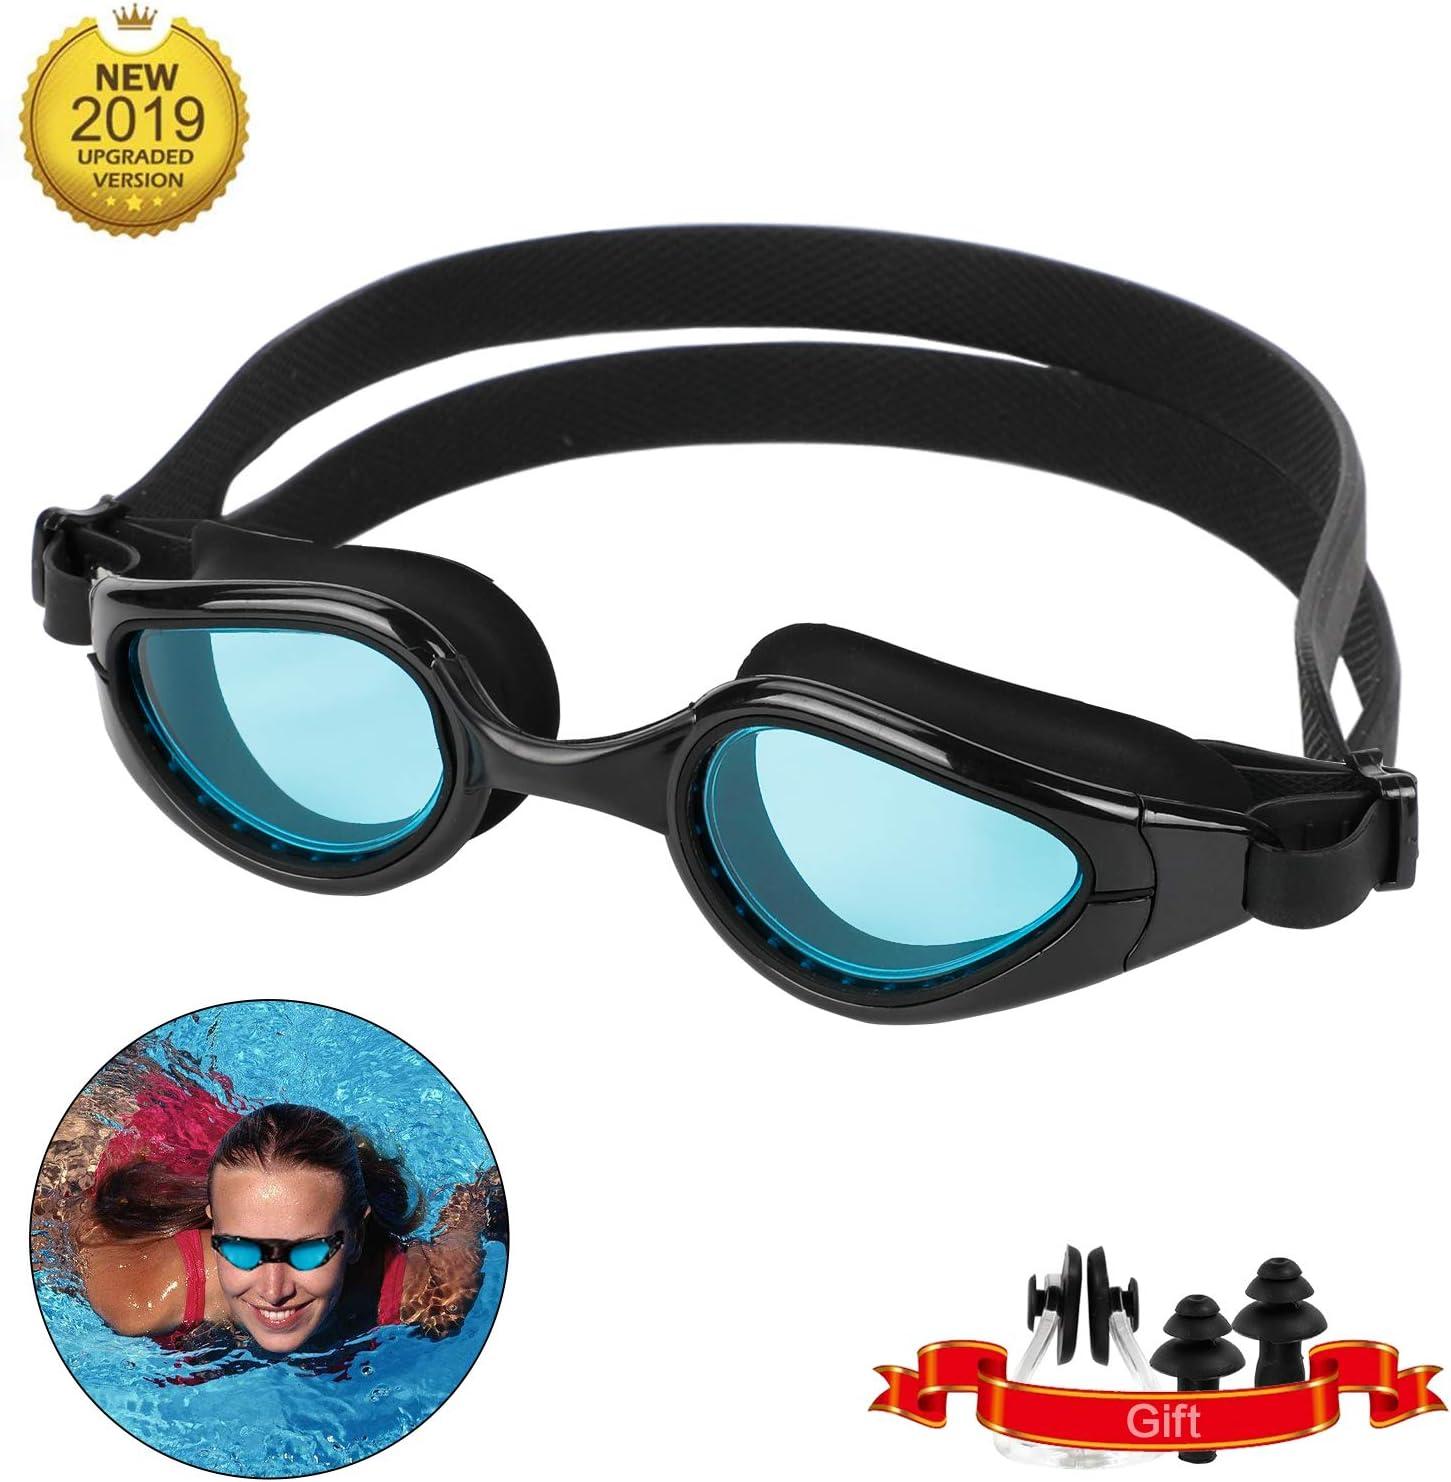 Lyeiaa Gafas de Natación, Antiniebla Gafas Natacion,Protección UV sin Fugas,Protección Radiológica, índice de Protección Solar de 400+ Gafas para Nadar para Adulto Hombre Mujer y Niños